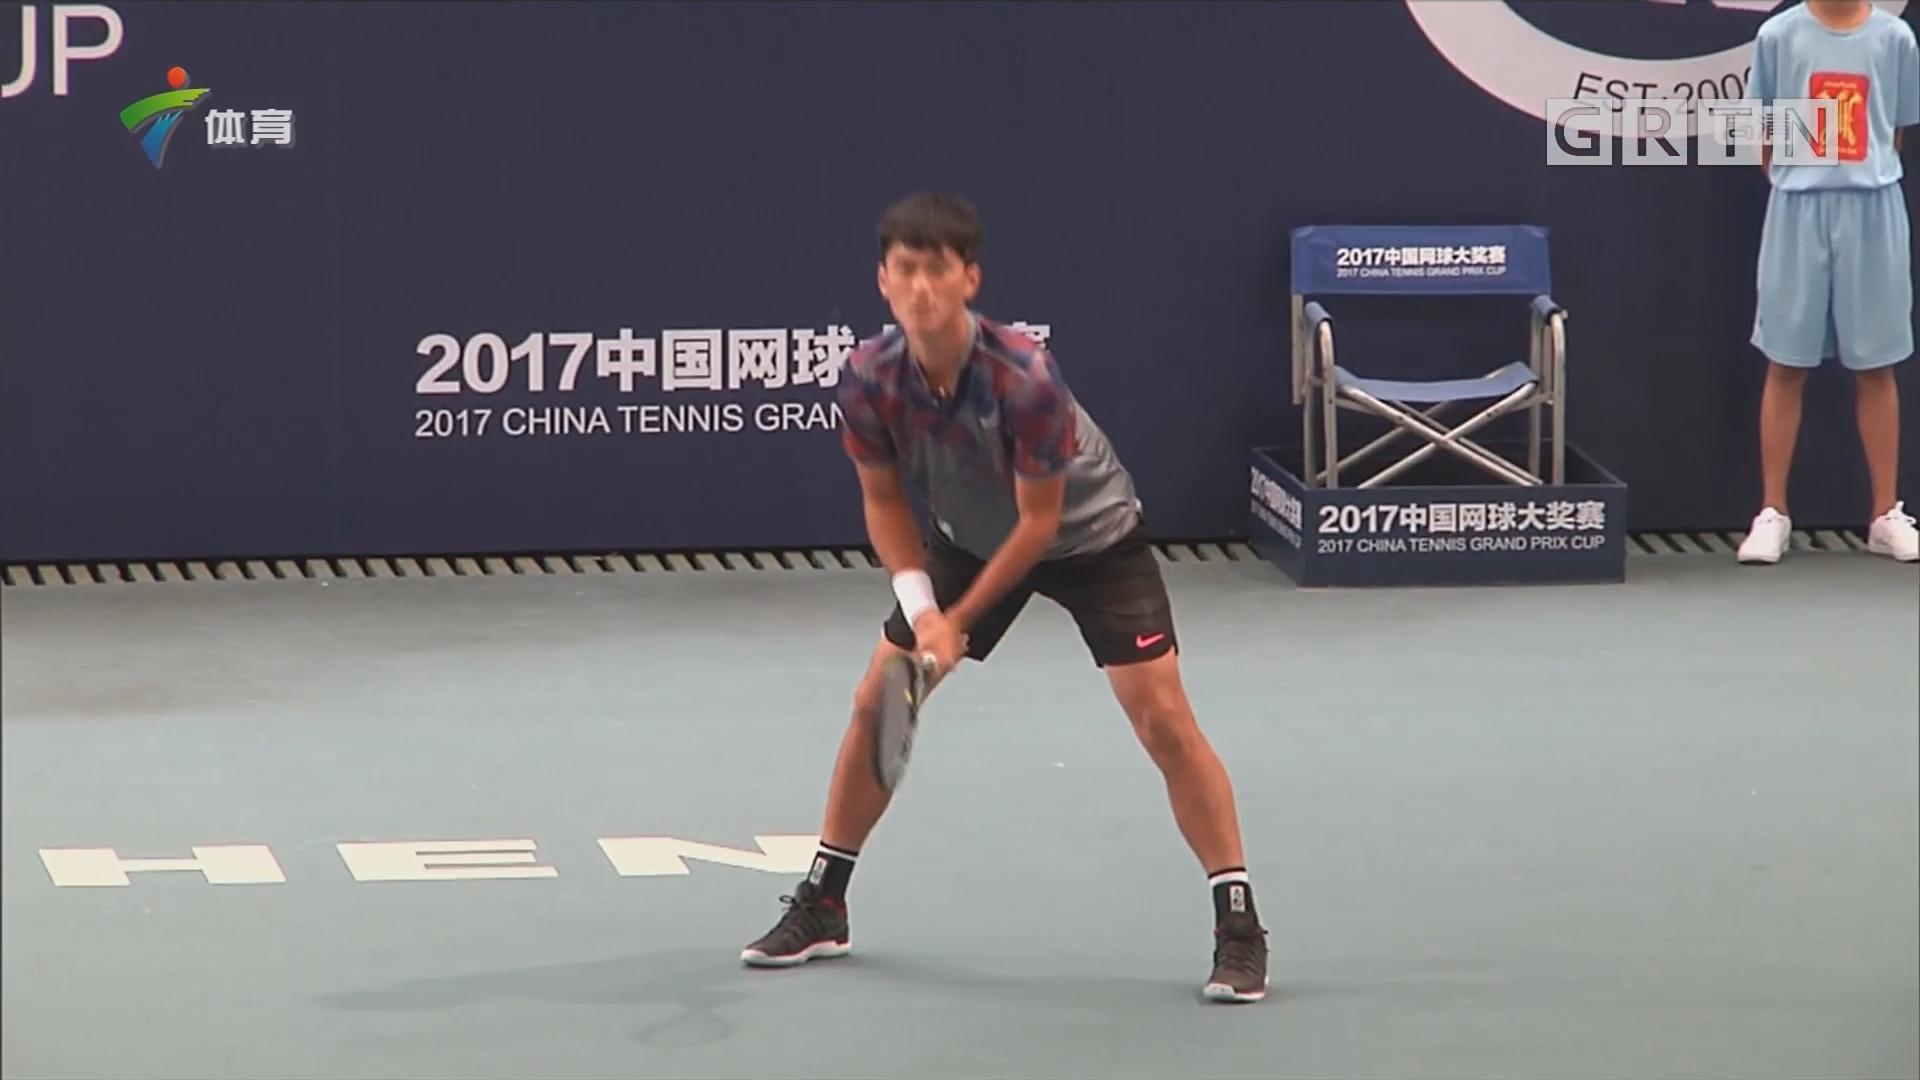 2017中国网球大奖赛开拍